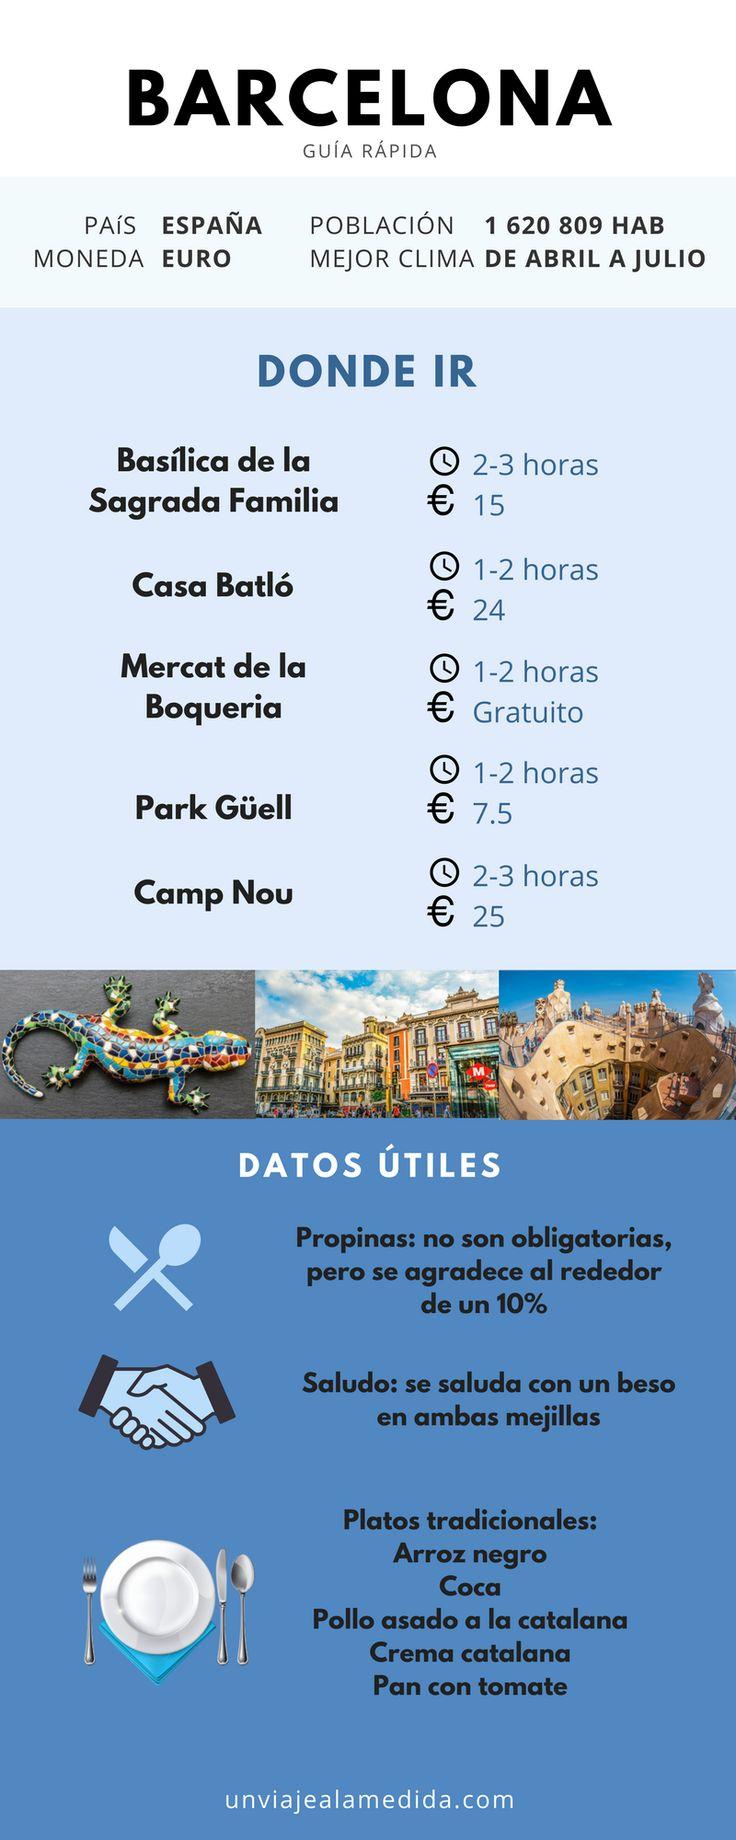 Tips para conocer Barcelona, dale click a la imagen para ver recomendaciones de hospedaje. #barcelona #viajes #españa #gastronomia